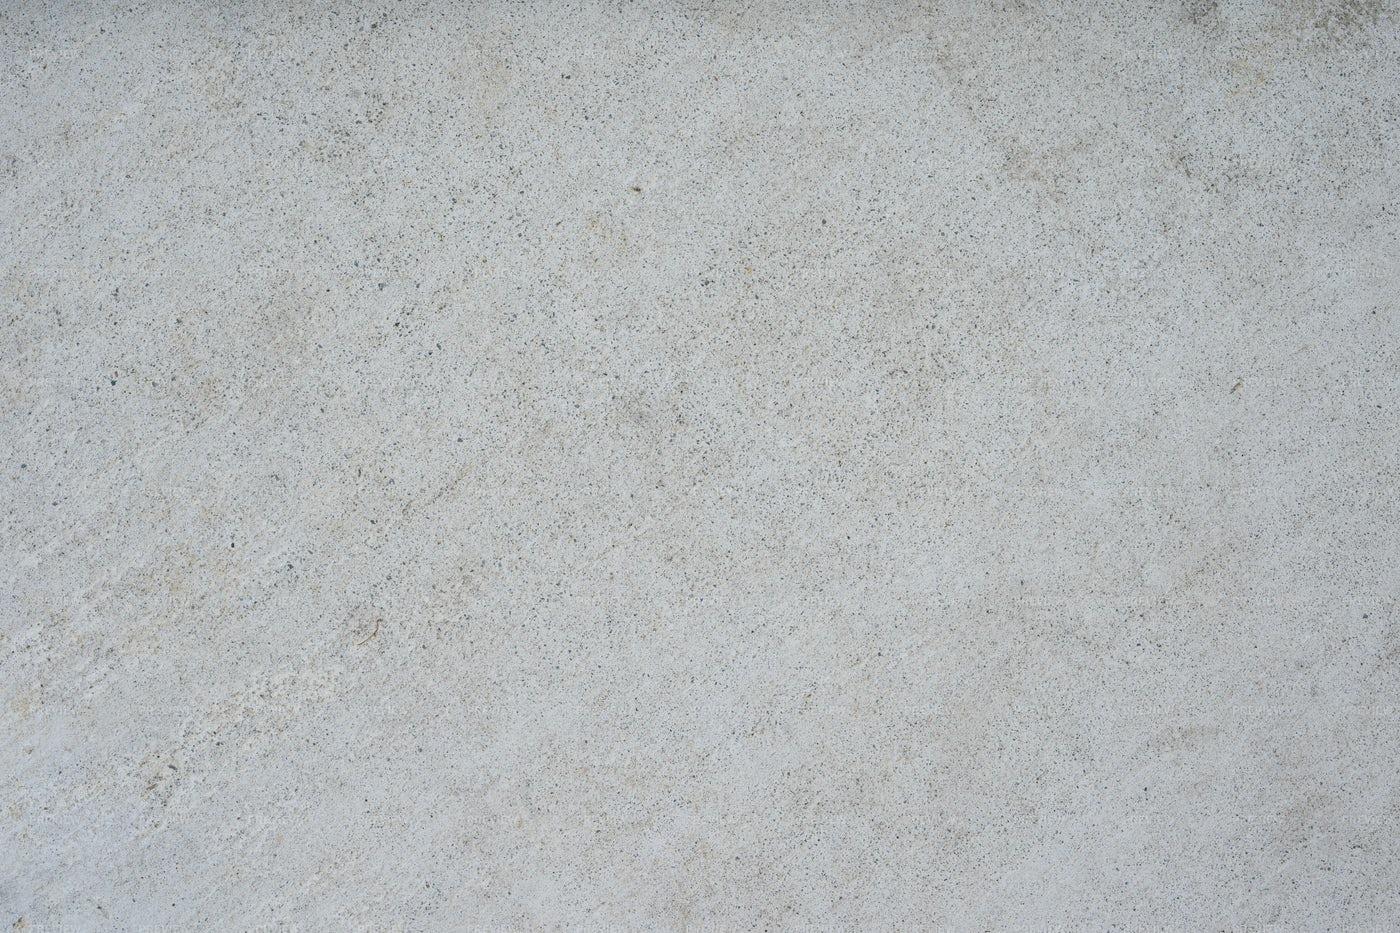 Gray Concrete Textures: Stock Photos